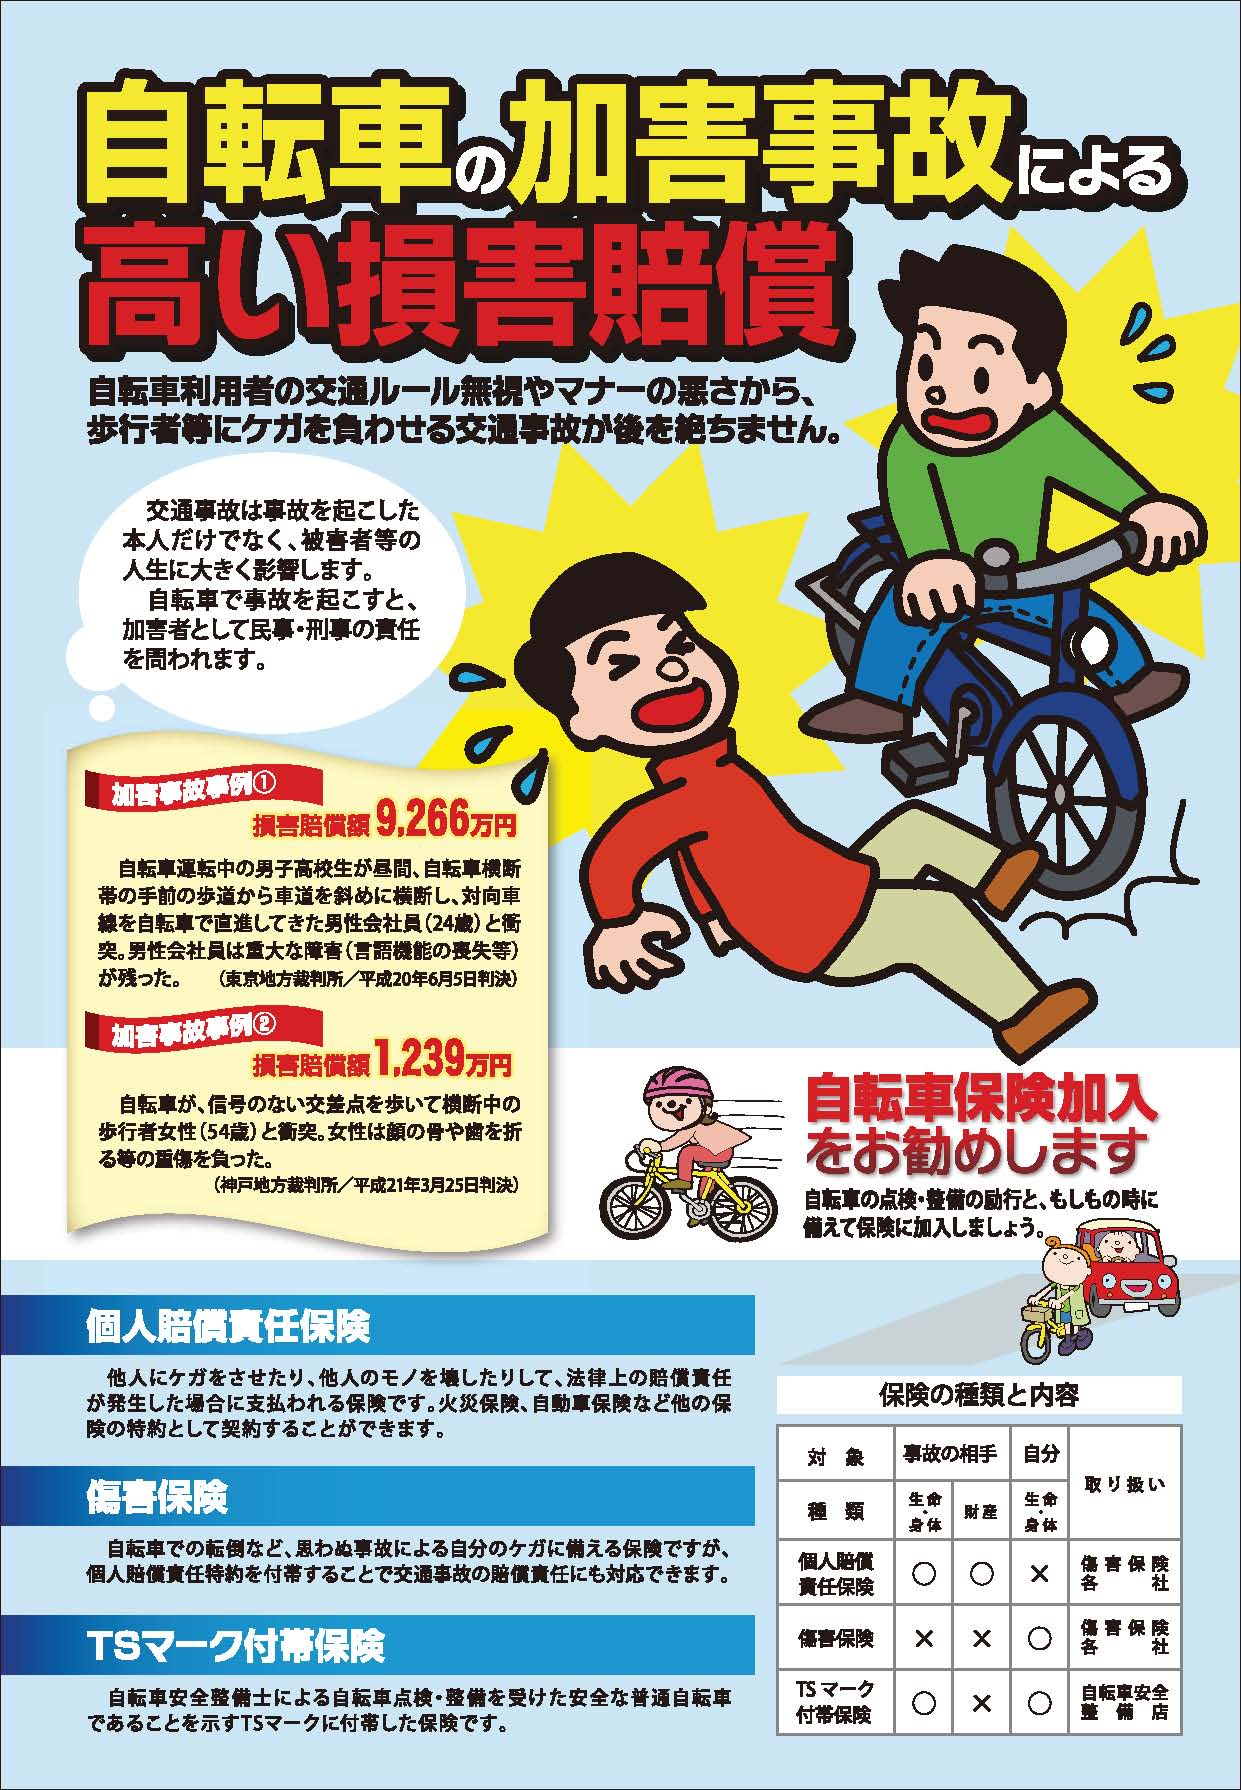 自転車保険義務化/兵庫県条令 ...